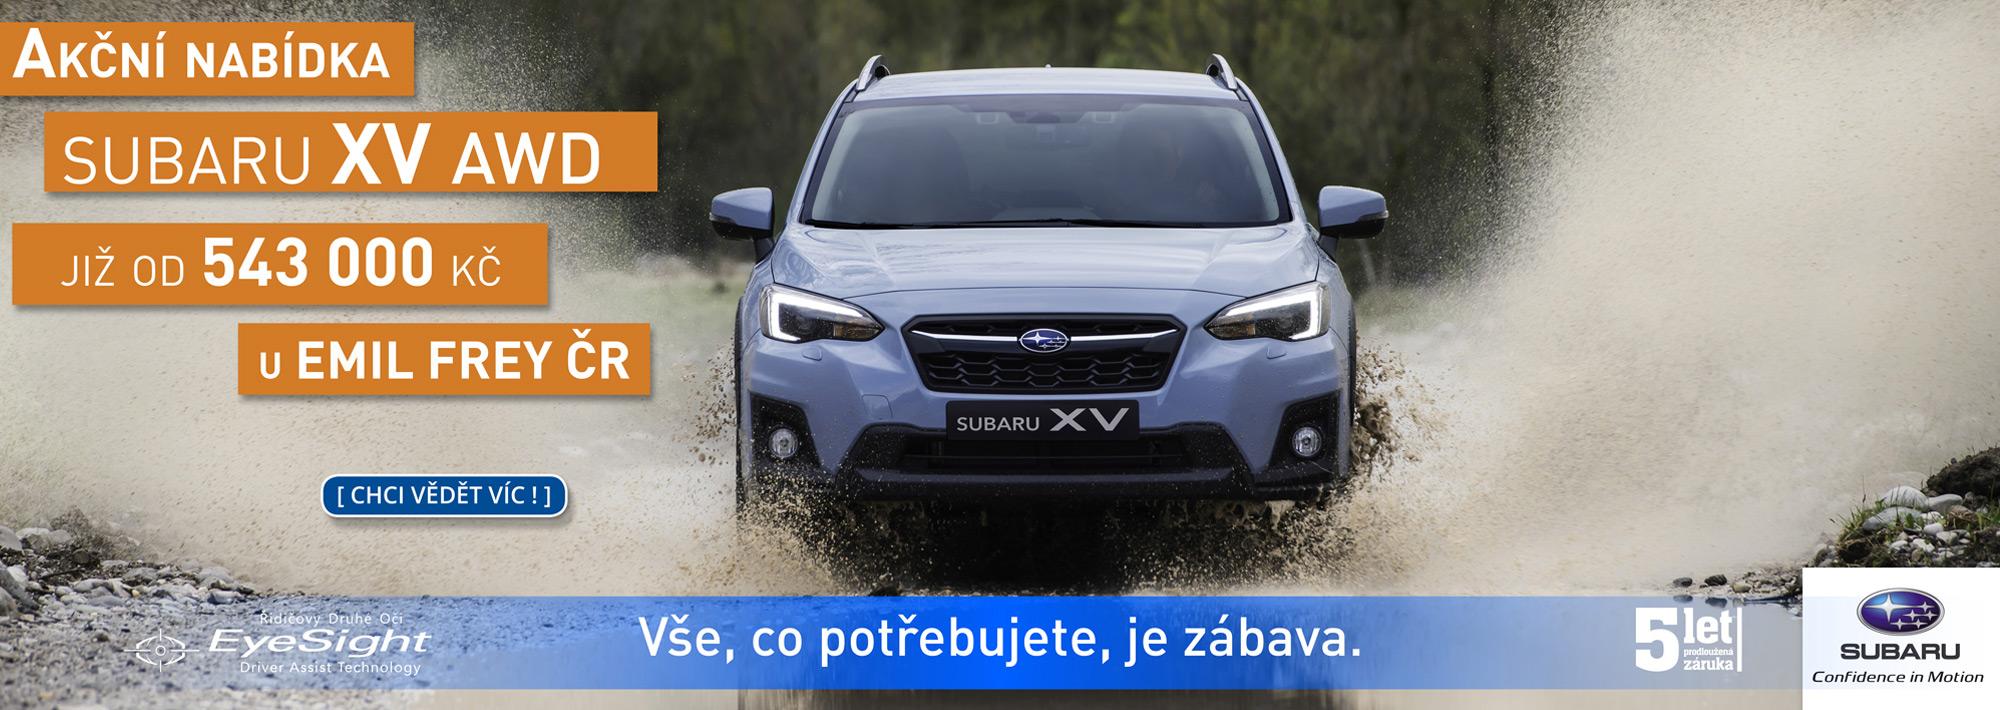 Emil Frey ČR: Subaru, Impreza, Forester, Outback, BRZ, XV, Levorg, Emil Frey